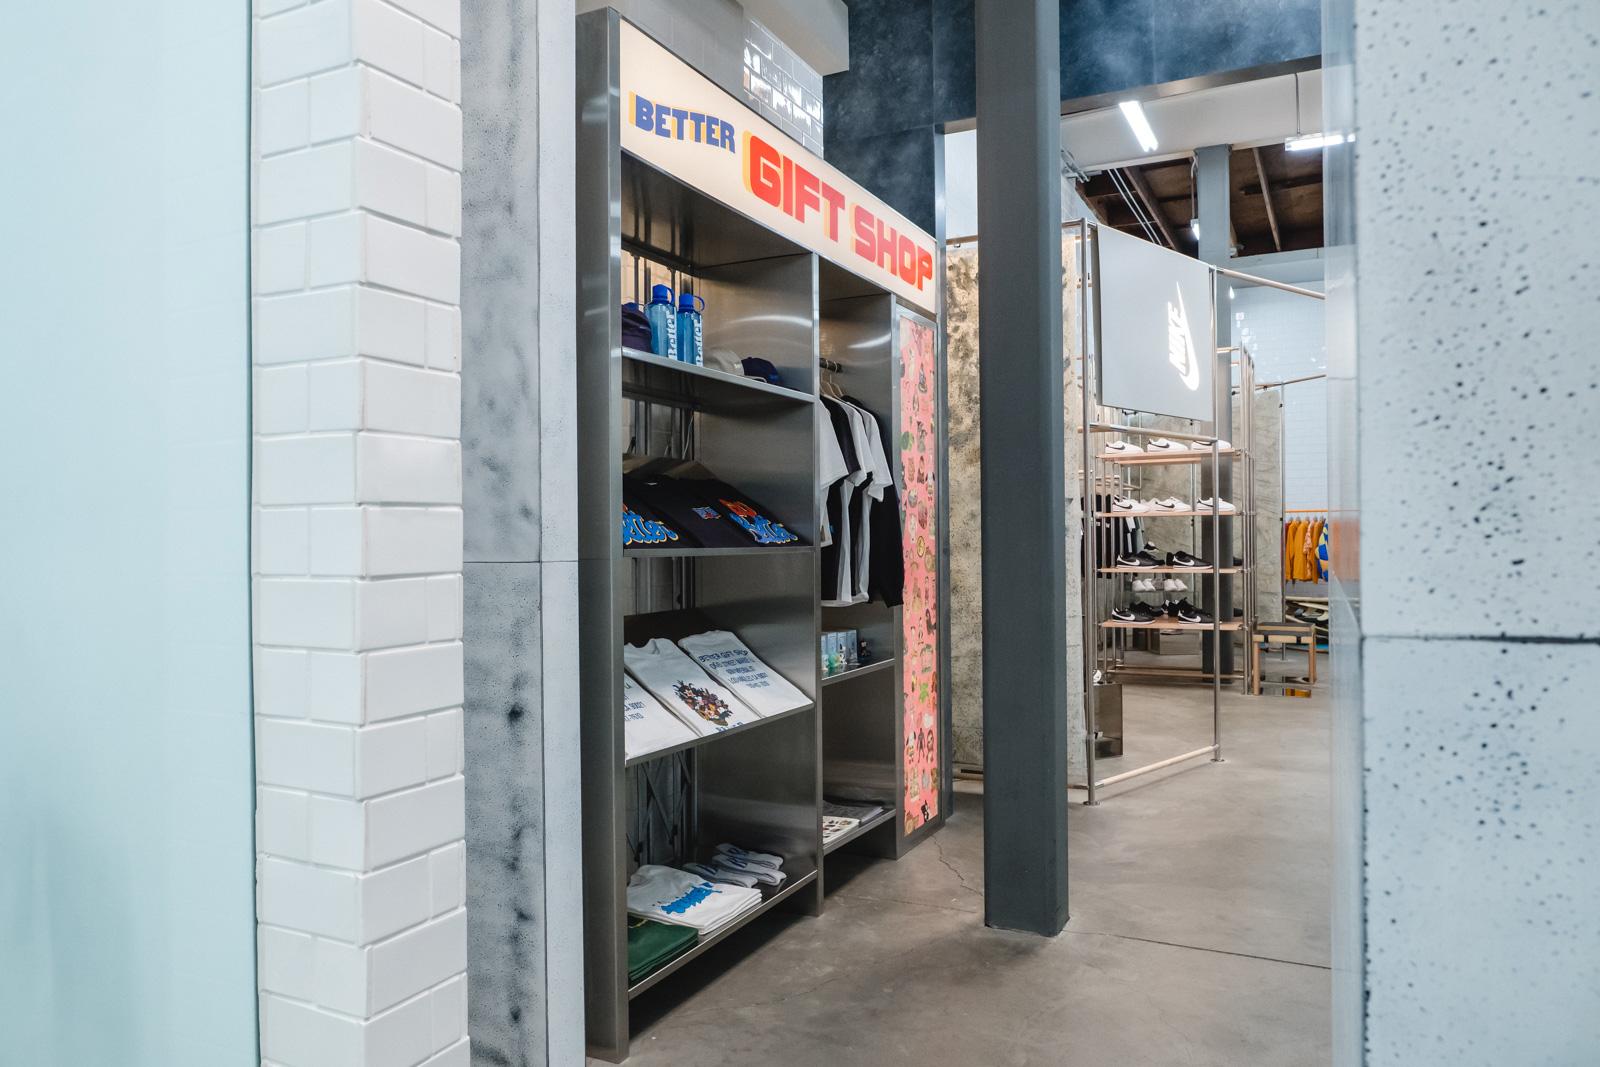 Better™ Gift Shop